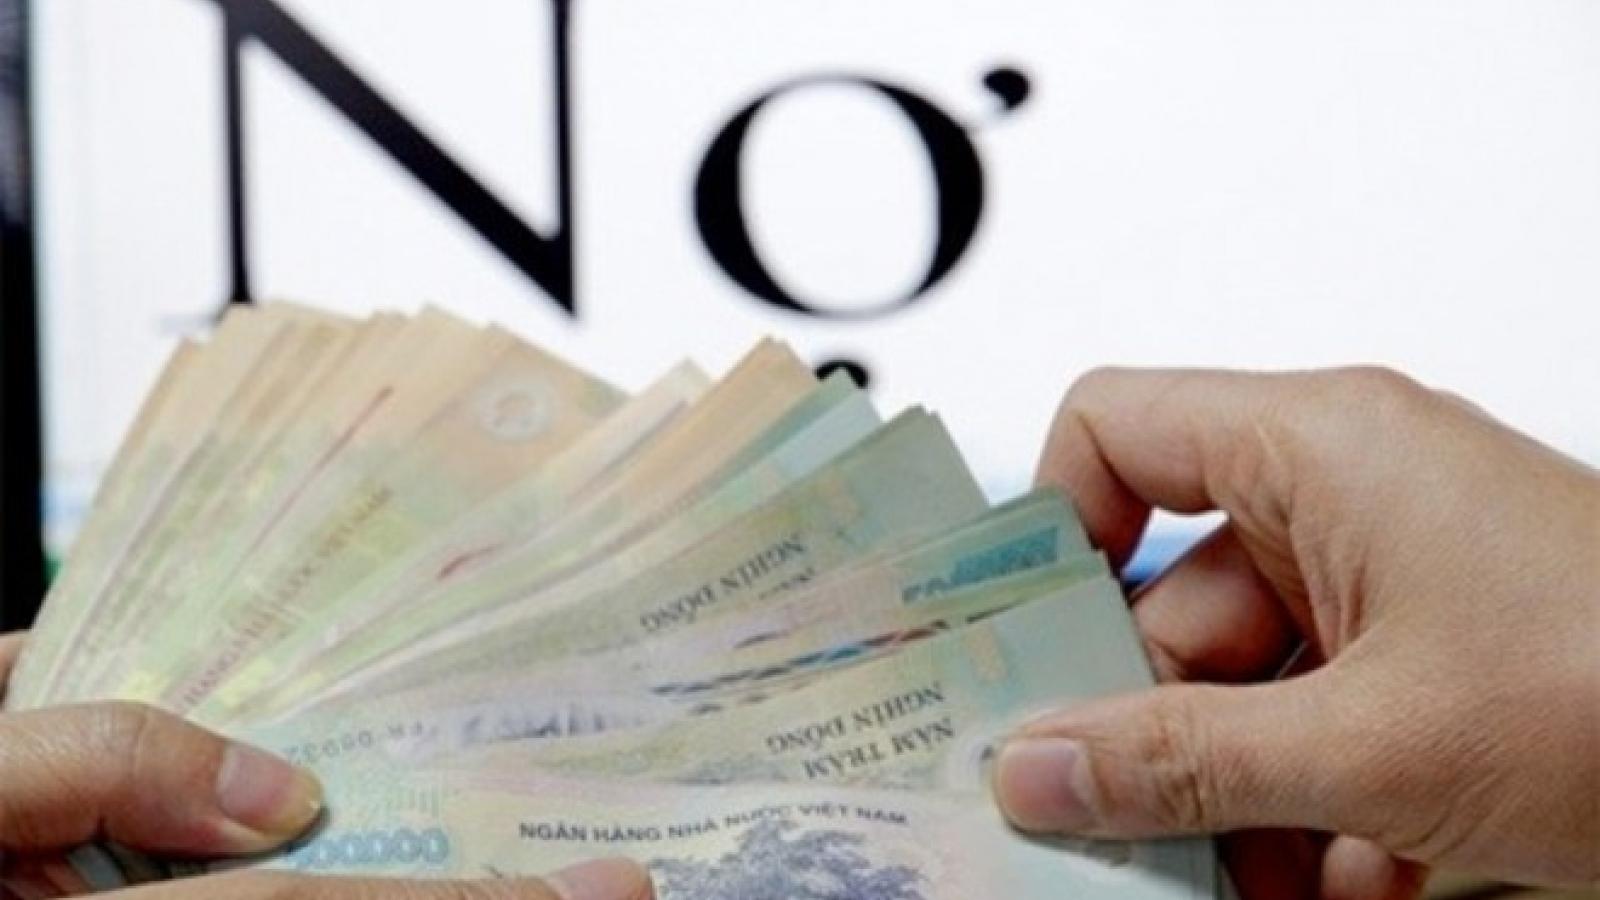 Hướng dẫn quy trình, thủ tục khoanh nợ, xóa nợ thuế